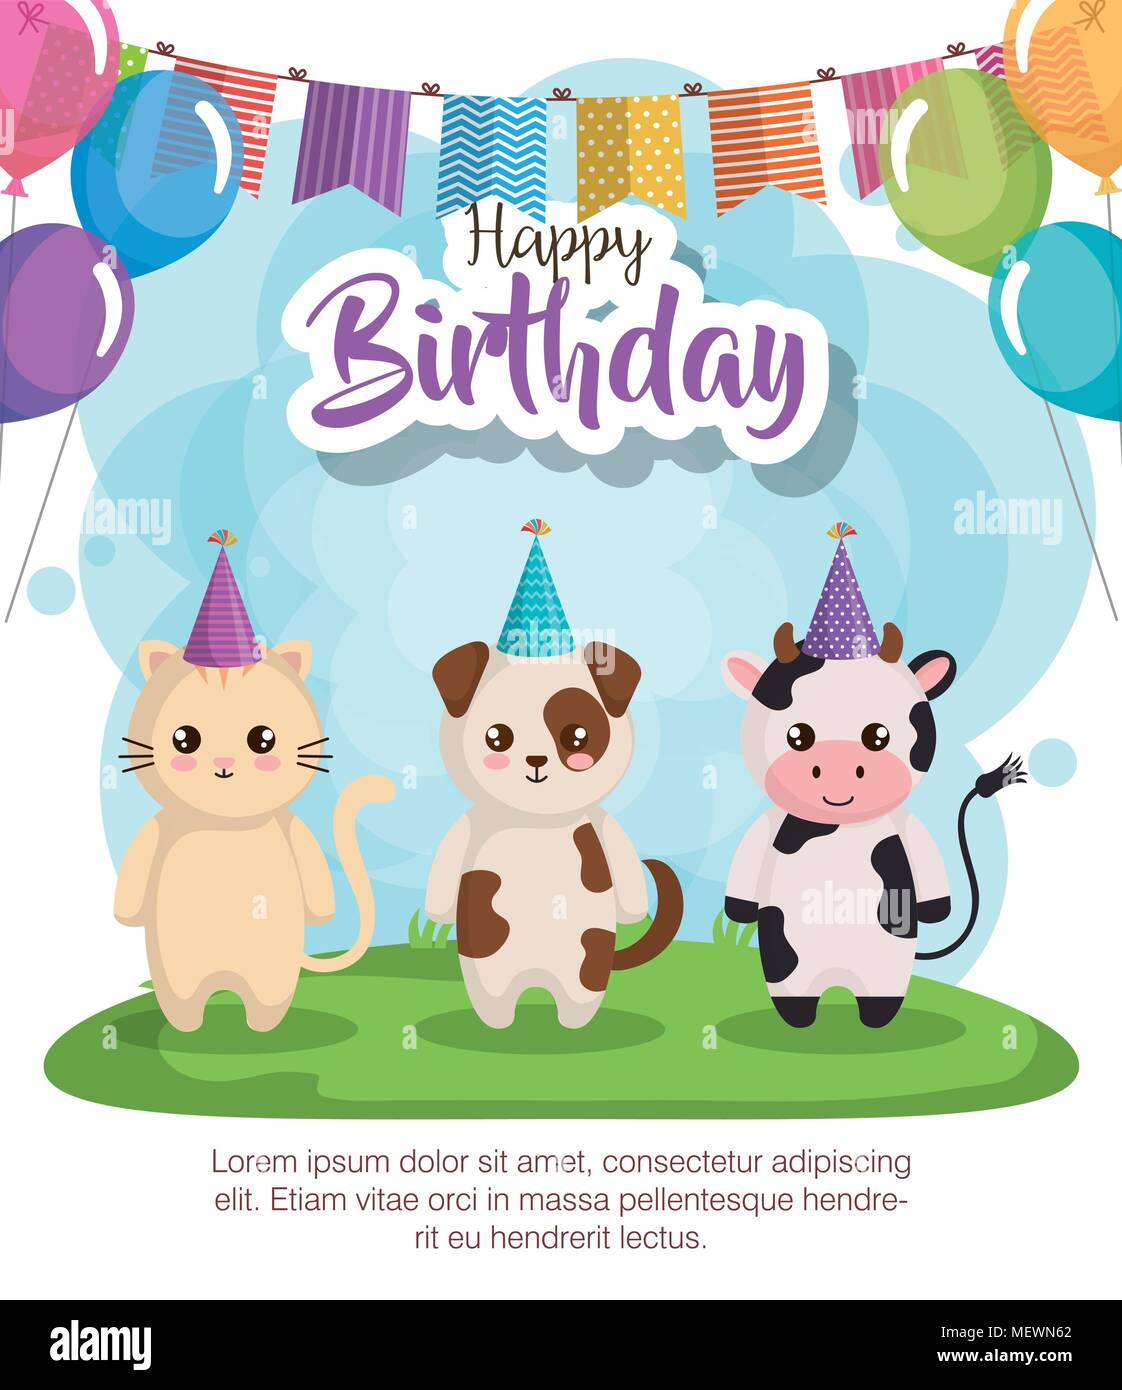 Buon Compleanno Card Con Gruppo Di Animali Illustrazione Vettoriale